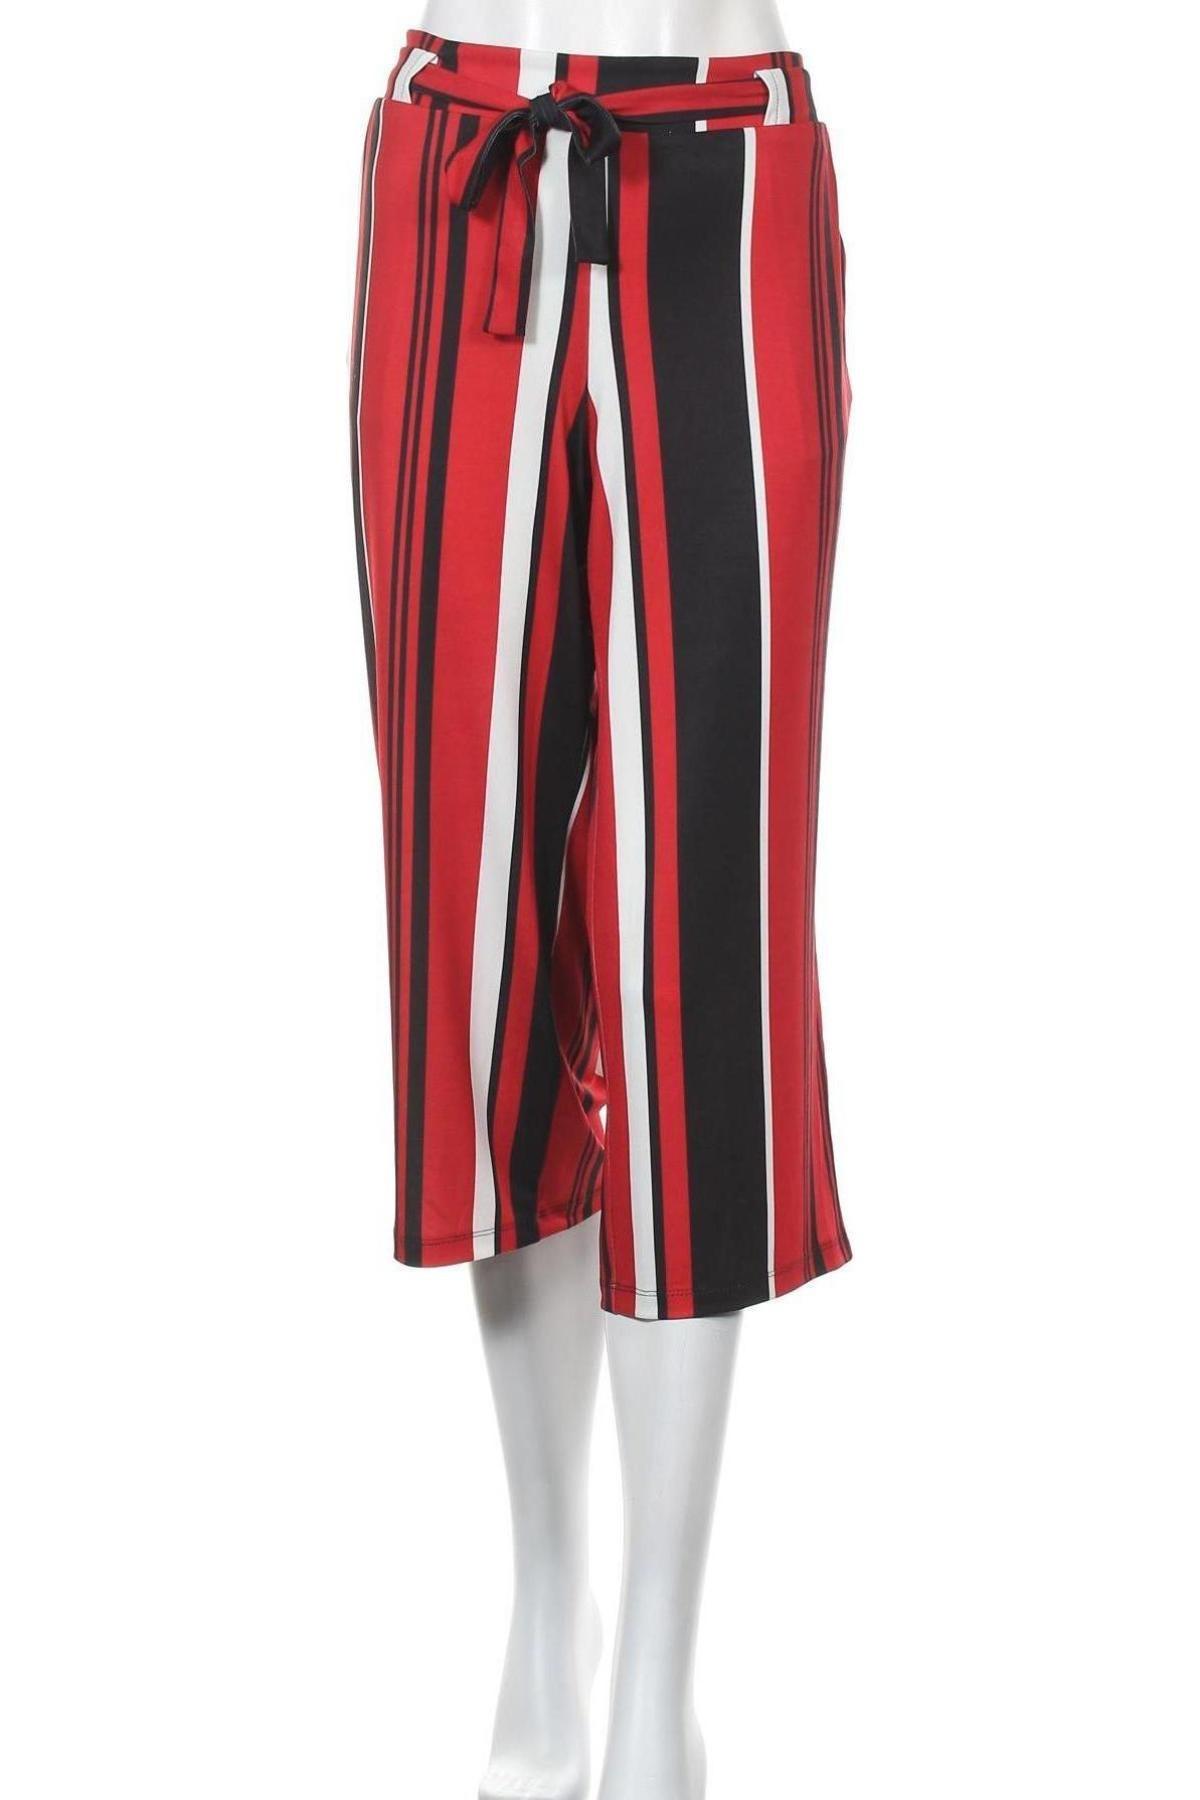 Дамски панталон Aniston, Размер L, Цвят Многоцветен, 95% полиестер, 5% еластан, Цена 23,56лв.